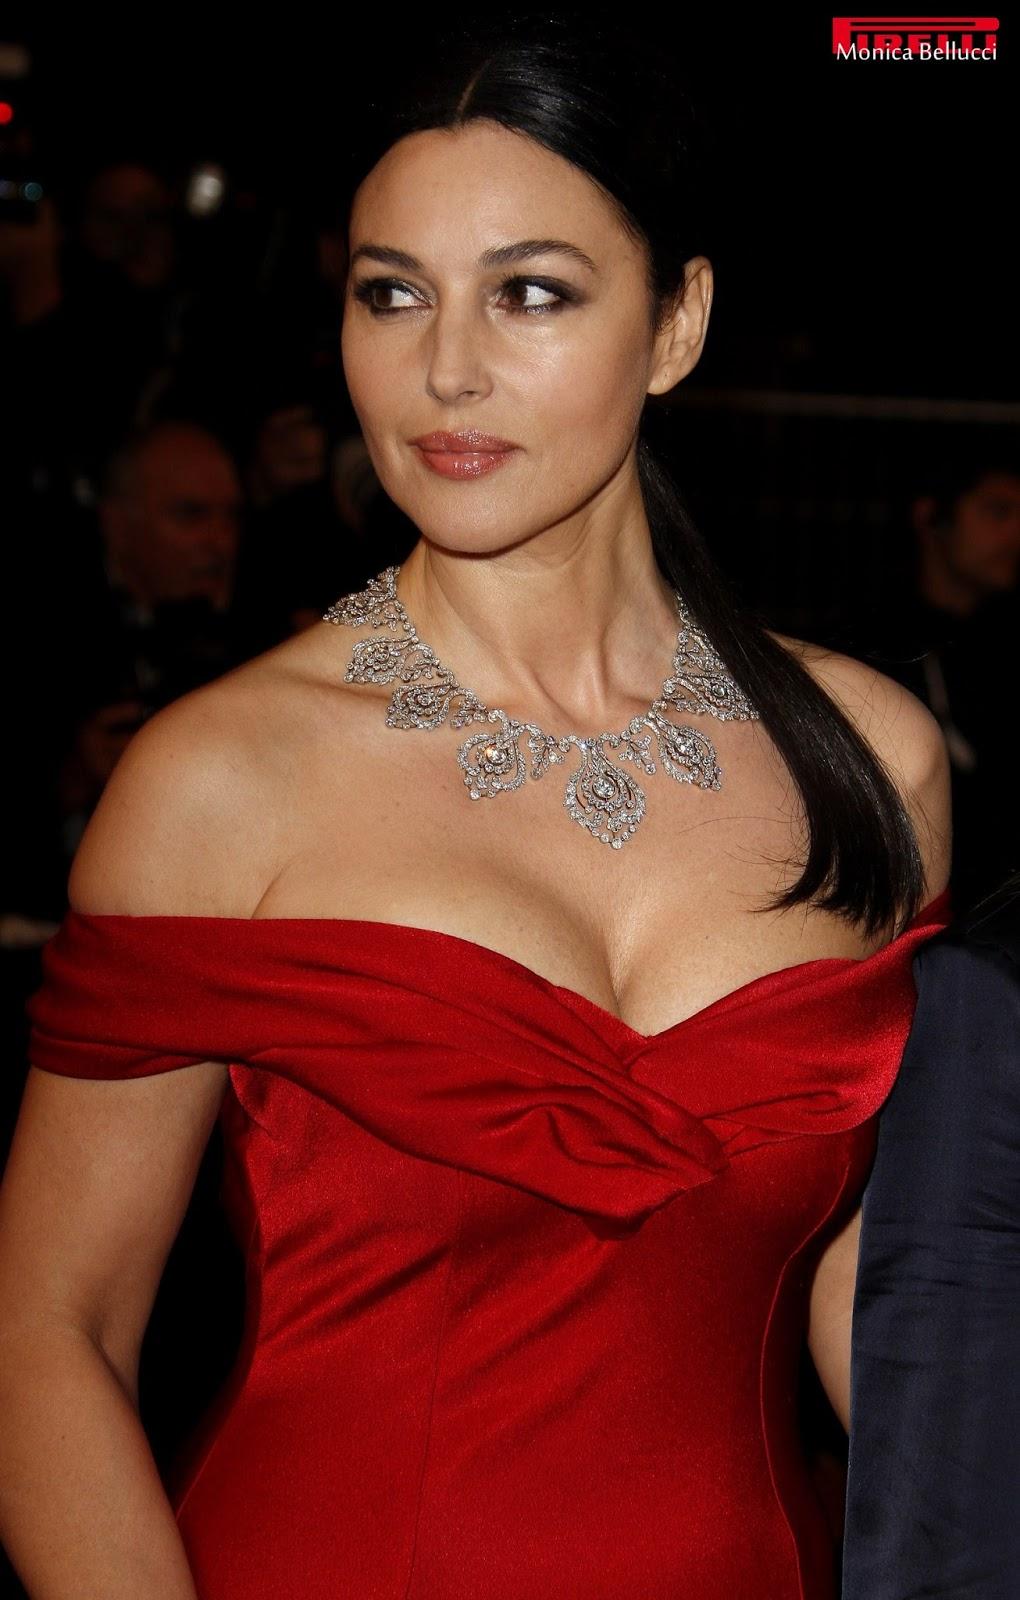 Hollywood Actress Moni...